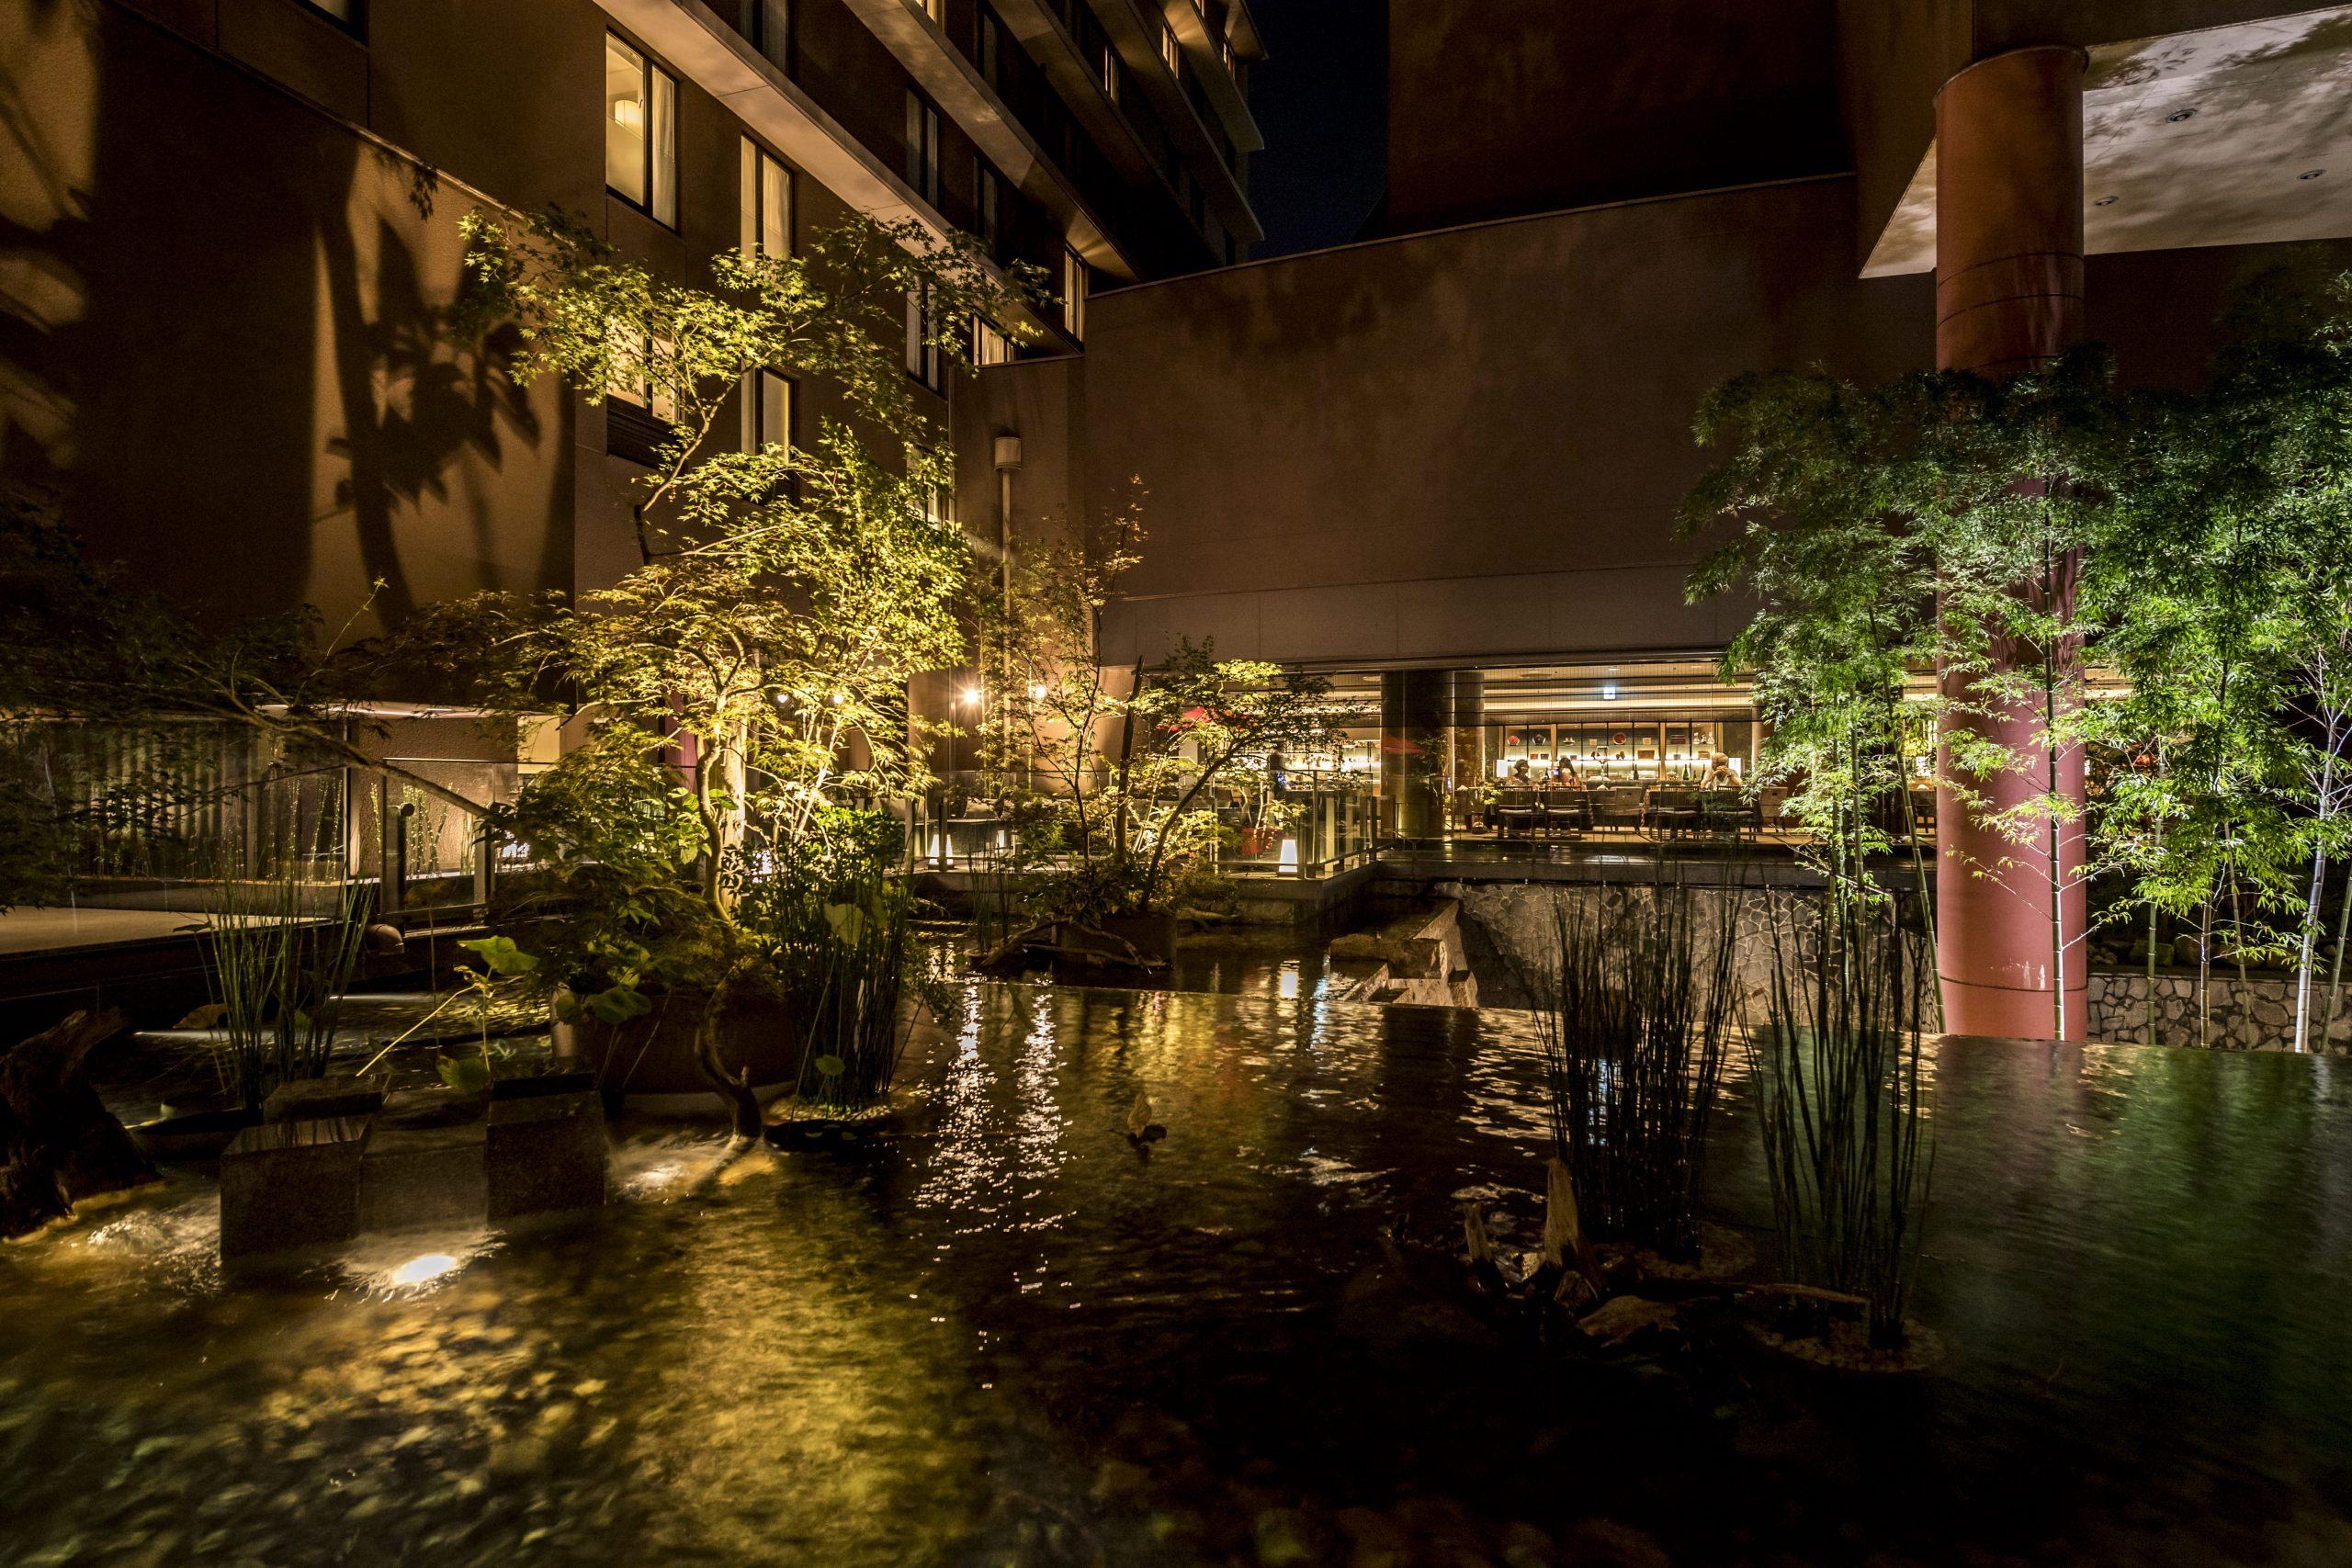 中庭を流れる滝や川、端正な竹林が古都の風情を演出